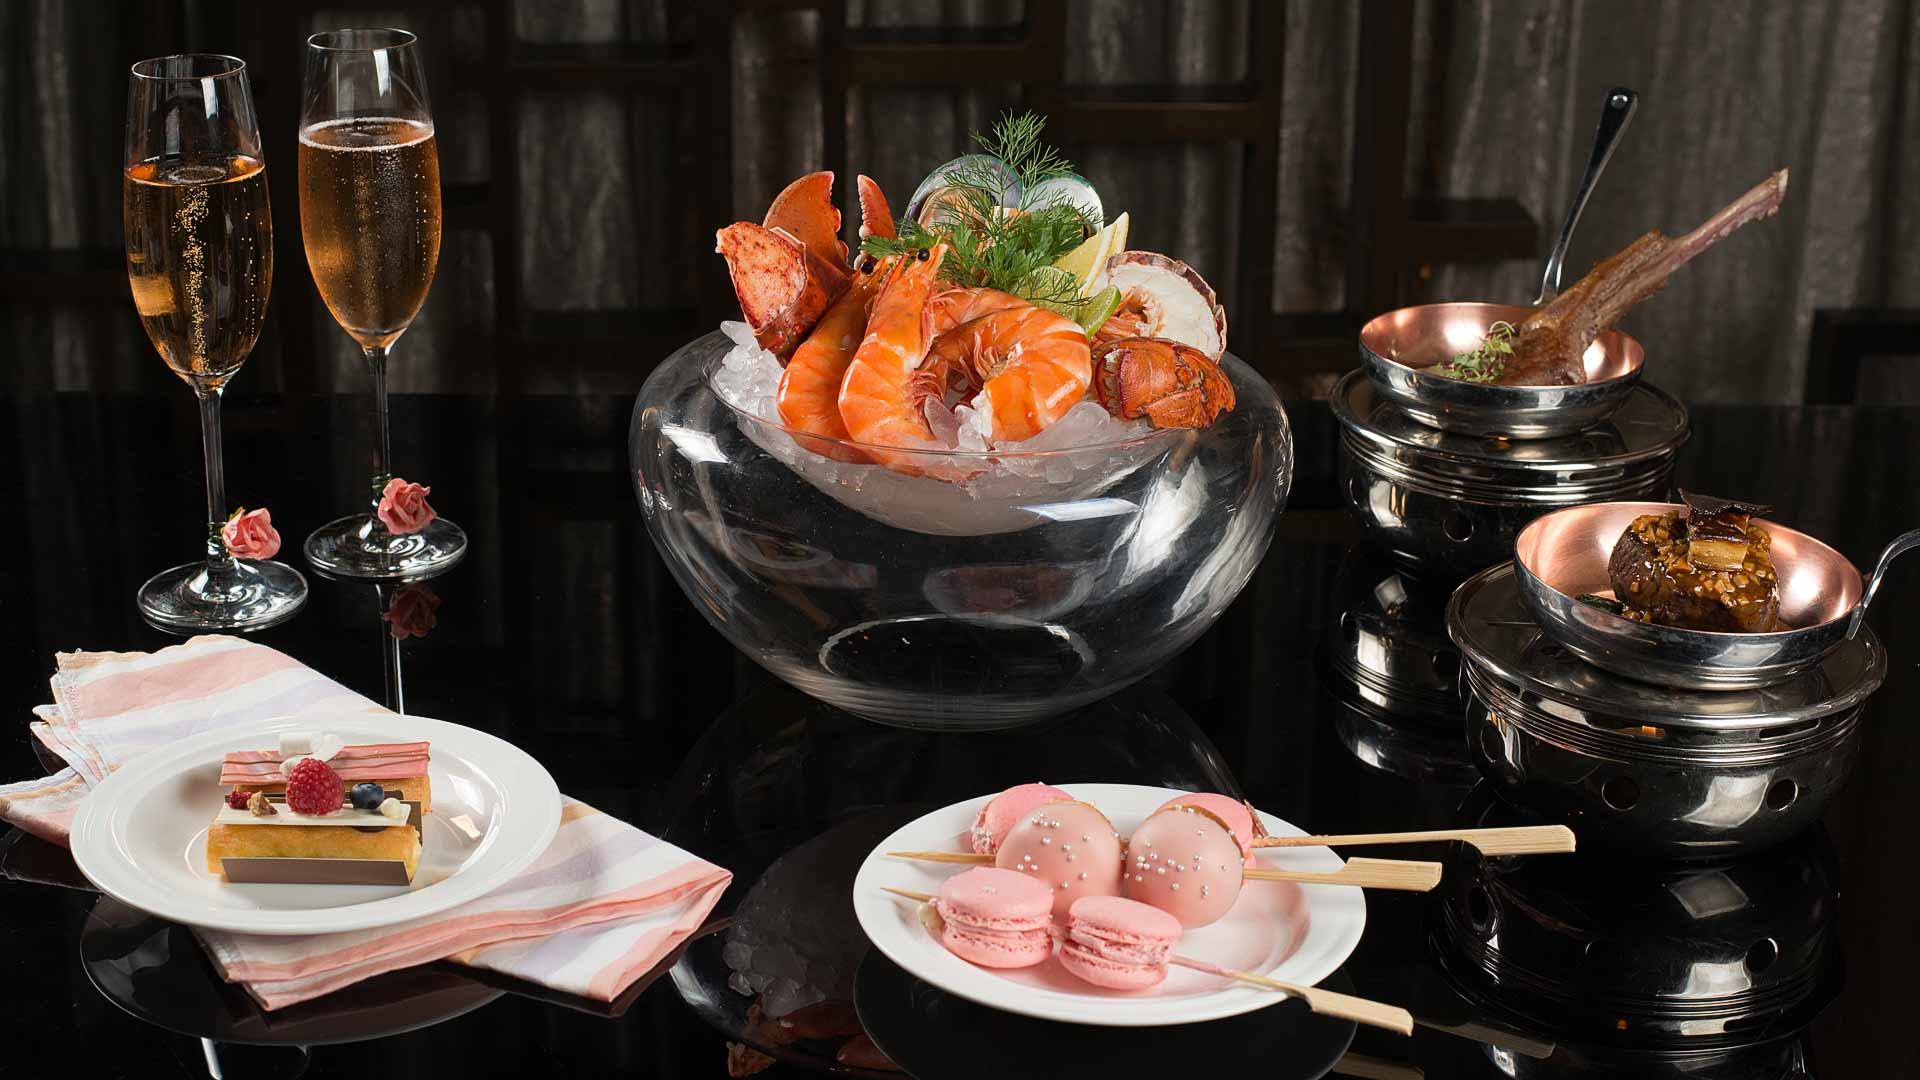 Sunday Brunch Rośe Champagne Brunch Siam Kempinski Bangkok ซันเดย์บรันซ์ แชมเปญโรสบรันซ์ โรงแรมสยามเคมปินสกี้กรุงเทพ_Banner1